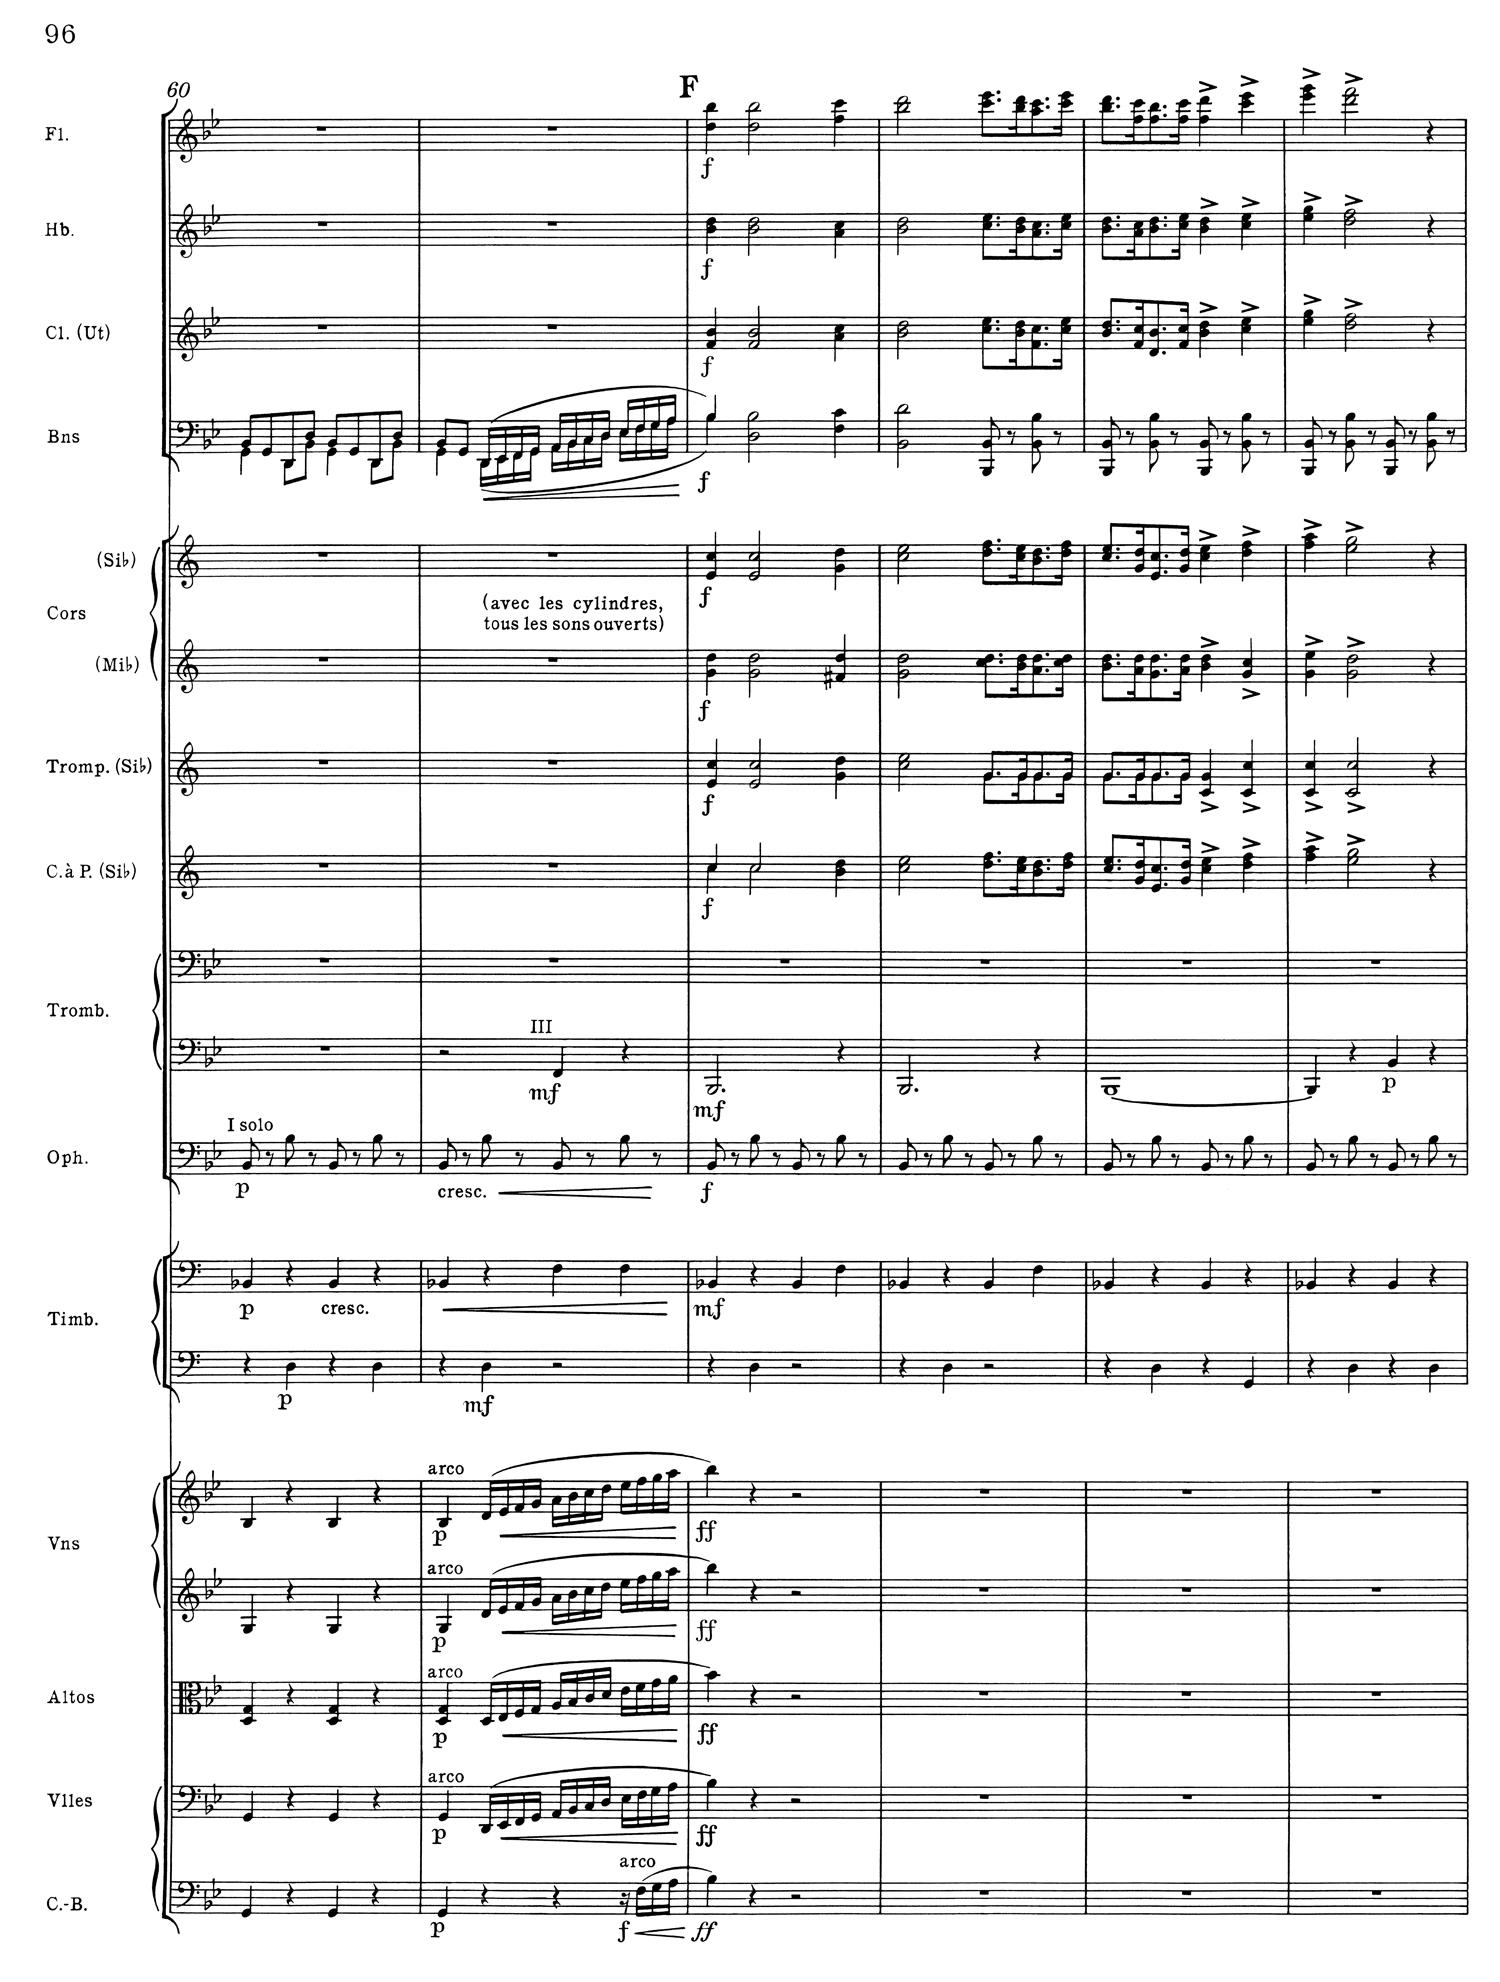 Berlioz Mvt 4 Score 3.jpg